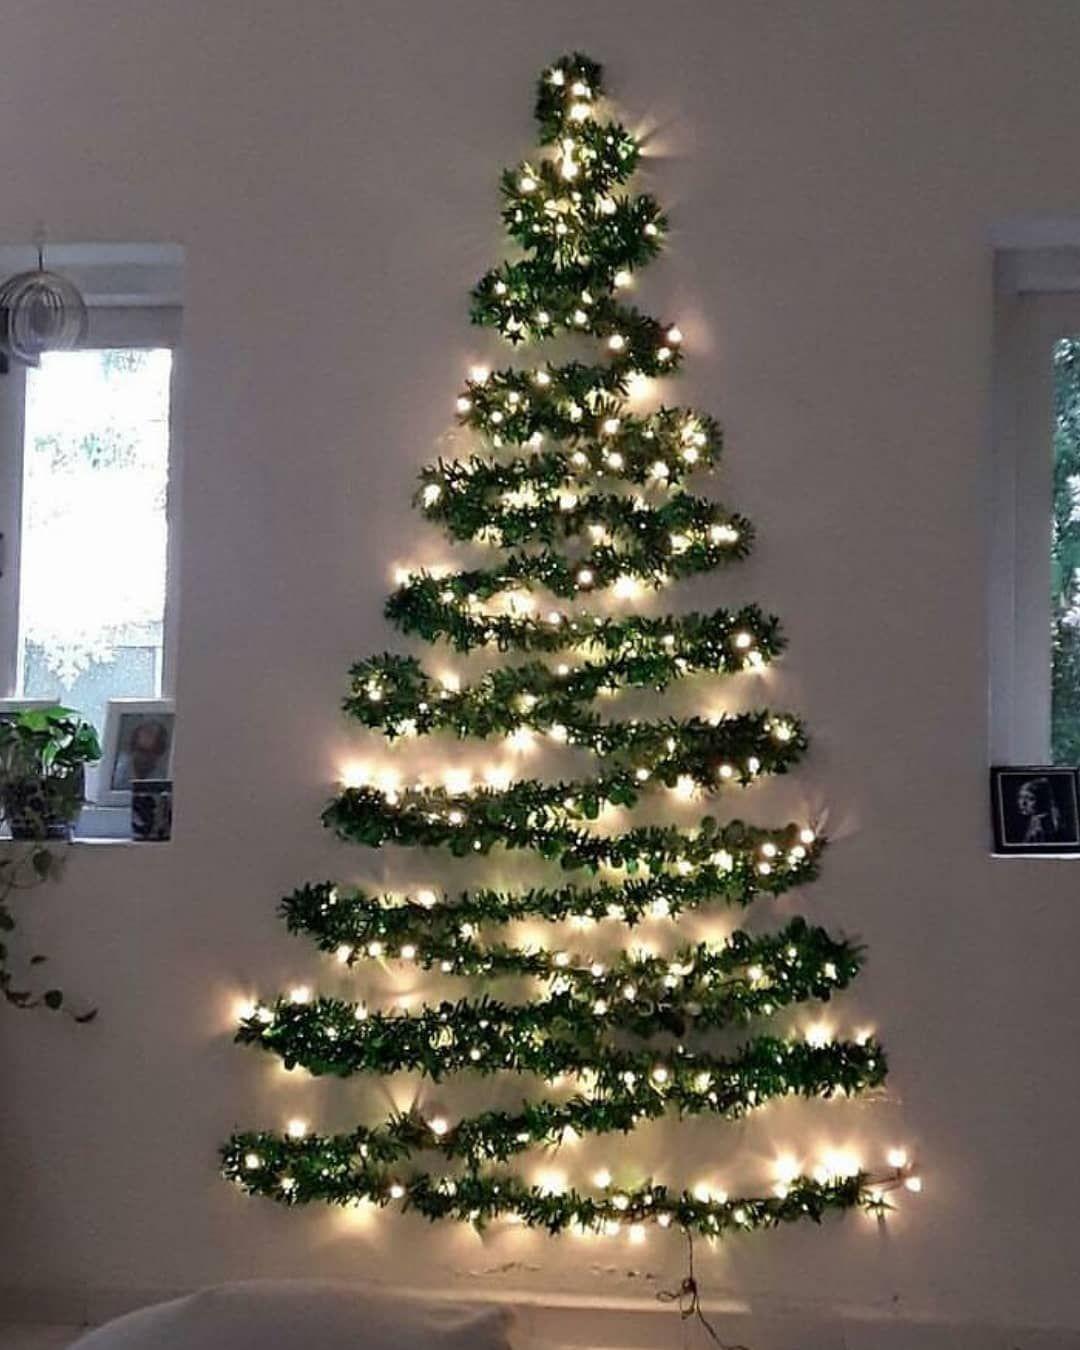 Essas árvores de Natal de parede são tão práticas, ficam lindas e são super  em cont… | Ideias de decoração de natal, Árvore de natal de parede, Diy  decoração natal